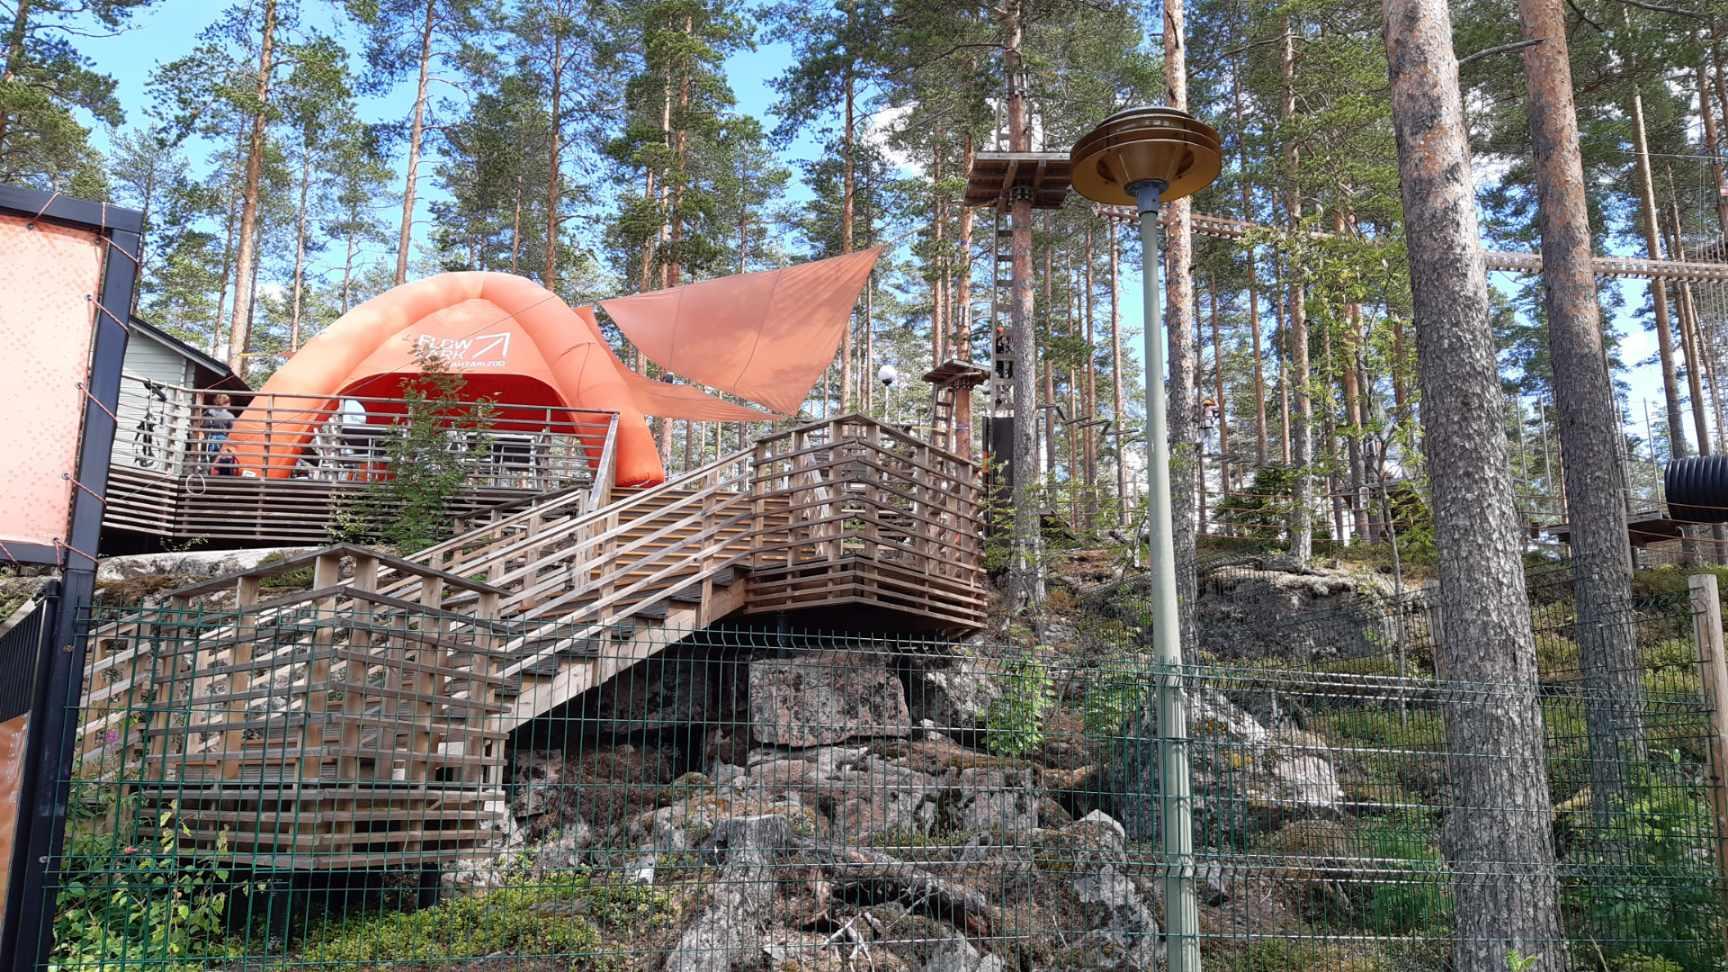 FlowPark kiipeilypuisto Ähtärin eläinpuiston yhteydessä